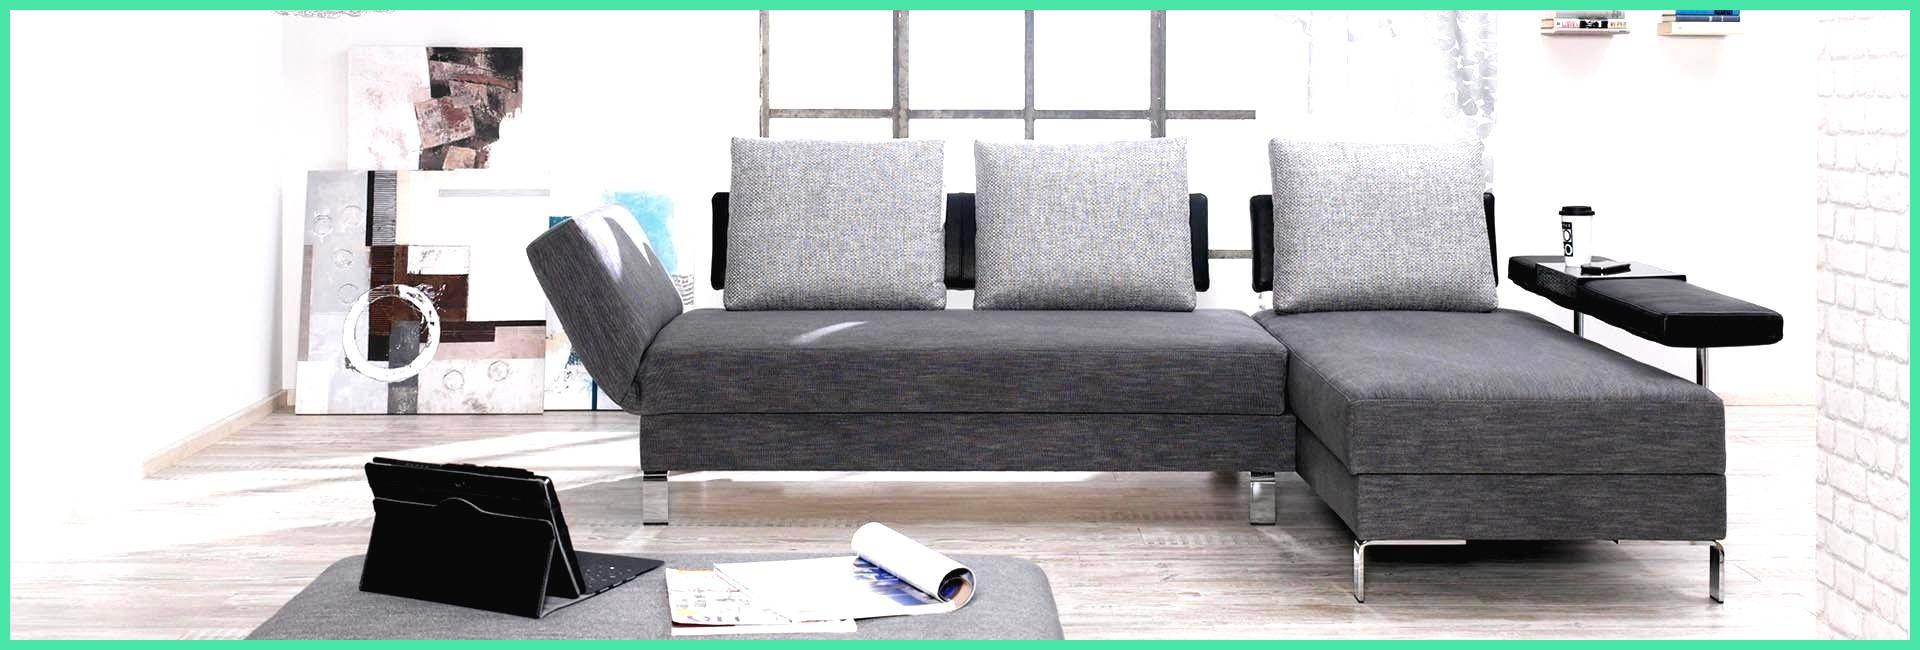 Mobel Roller Sofa Beste 36 2 Wahl Mobel Line Shop Hn4 Foto